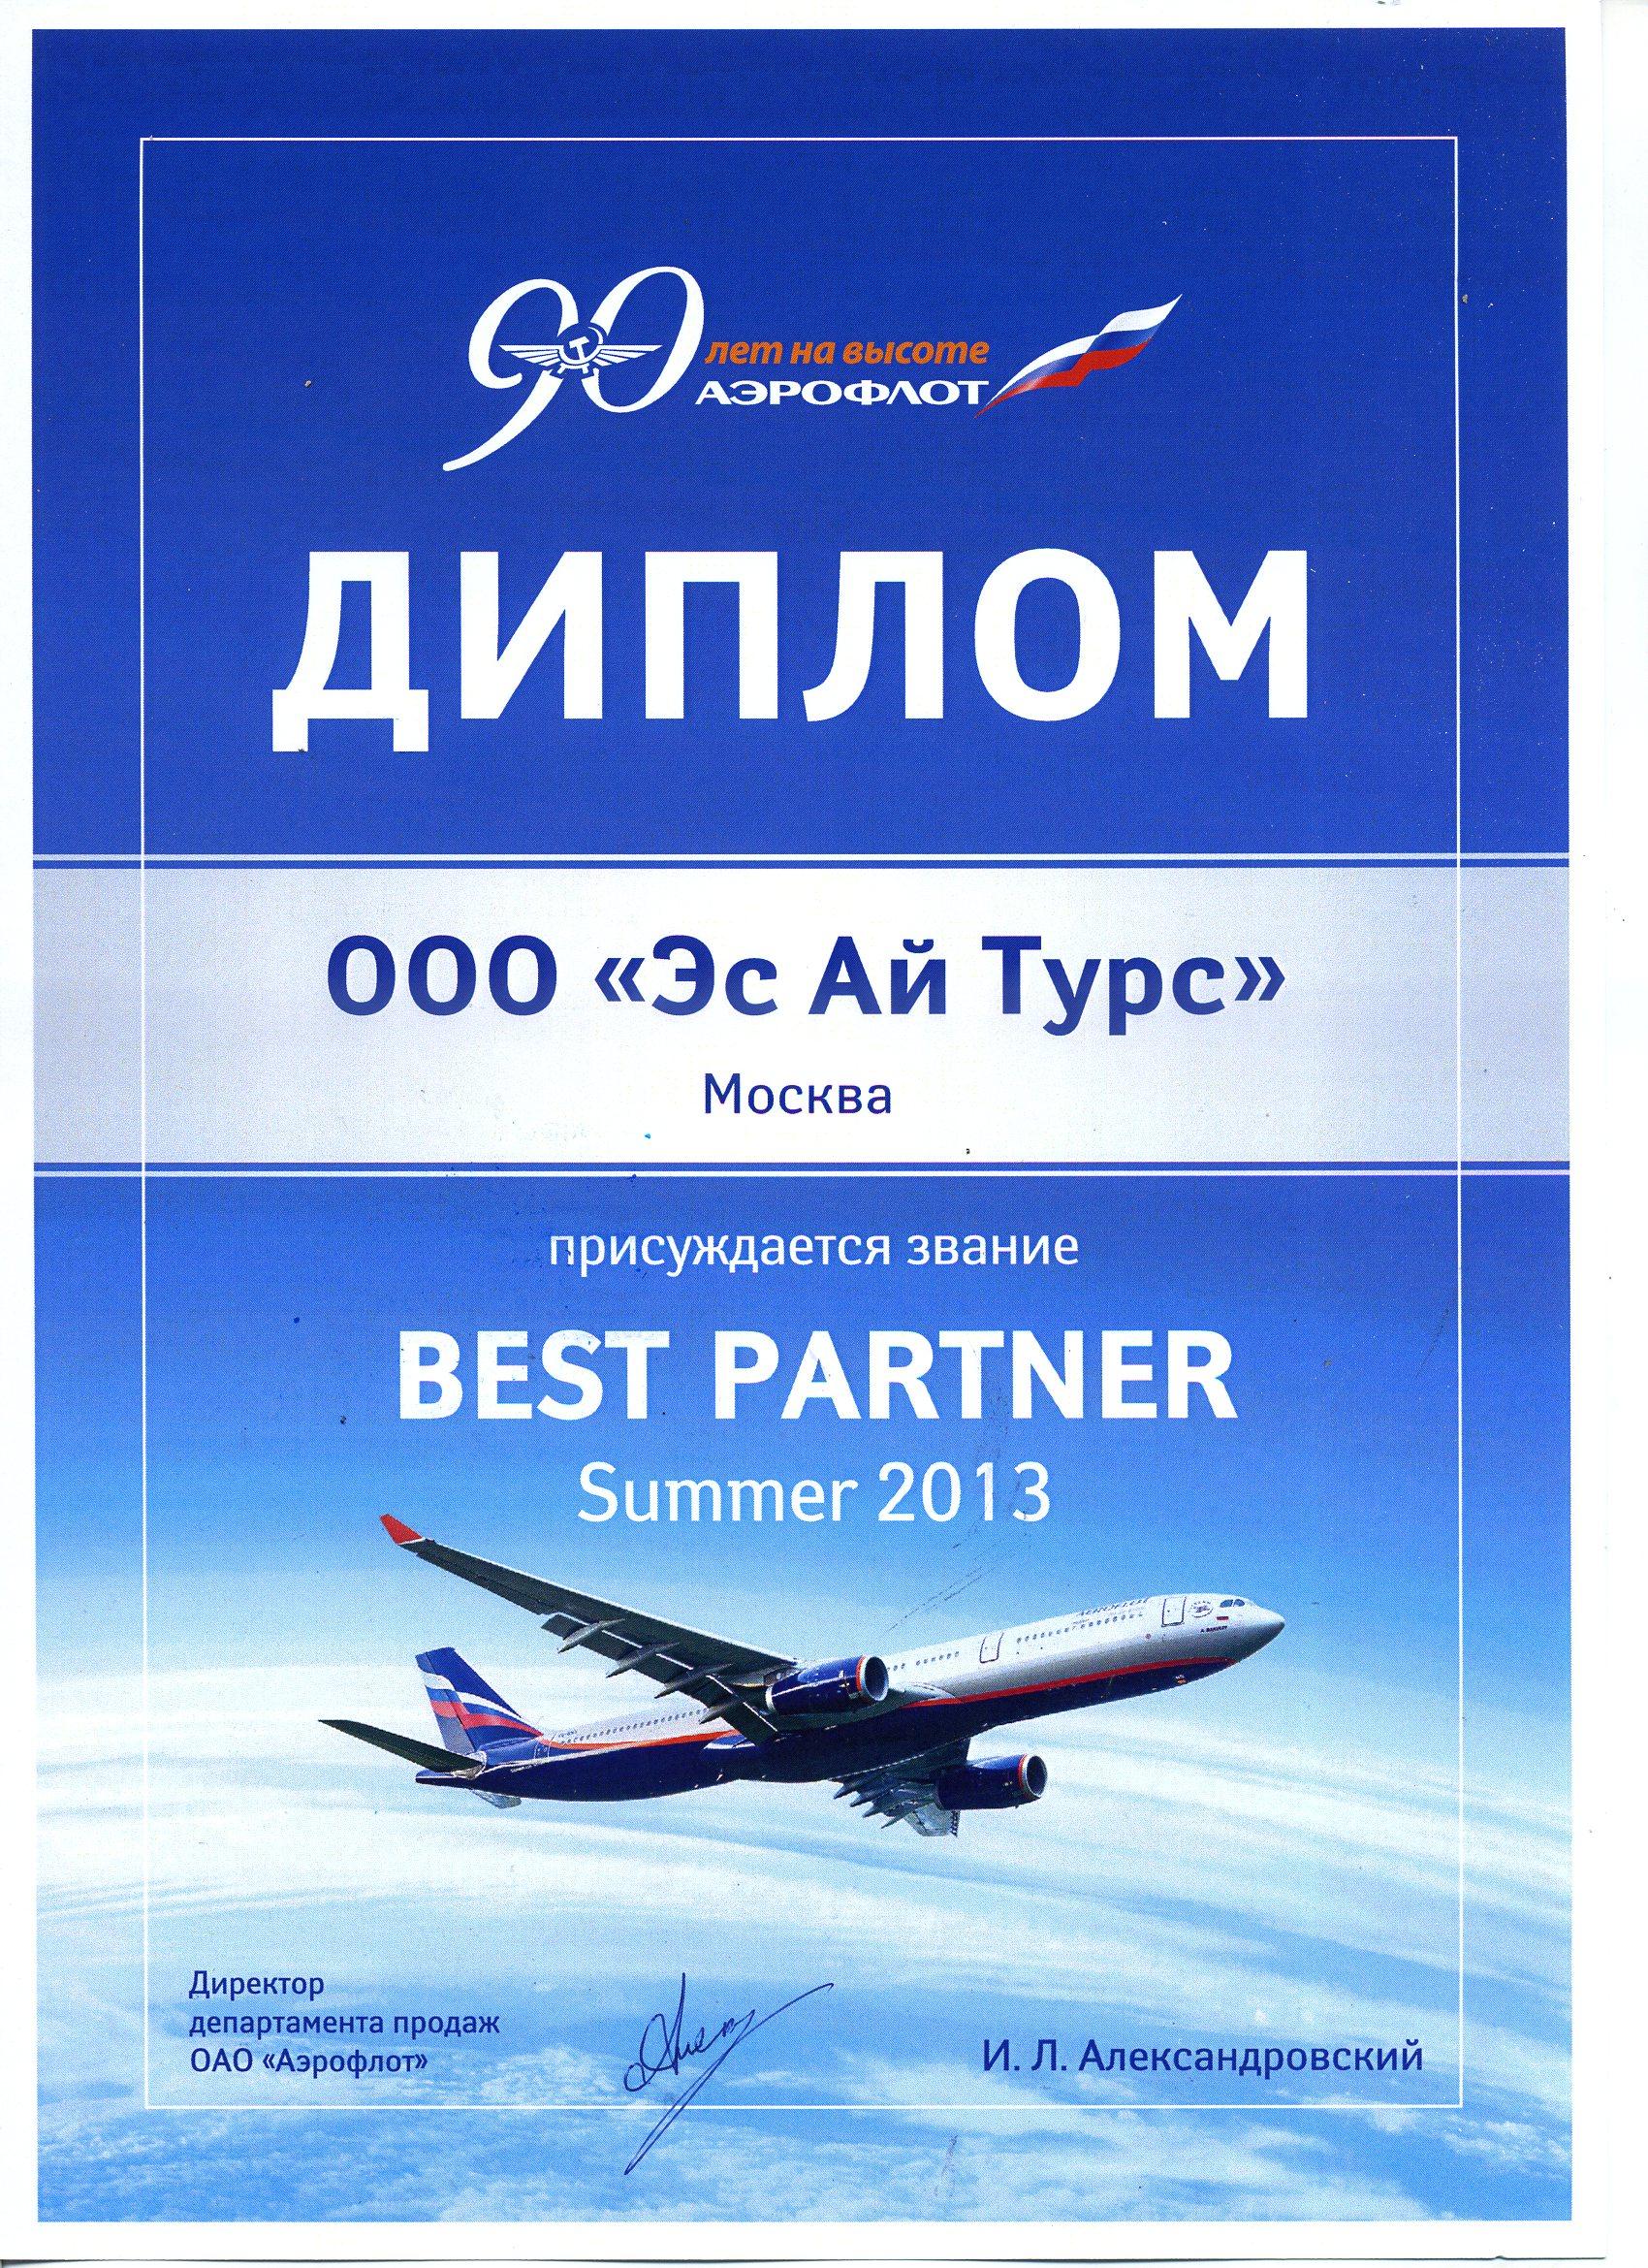 Награды и дипломы Диплом Аэрофлот Партнер года 2013